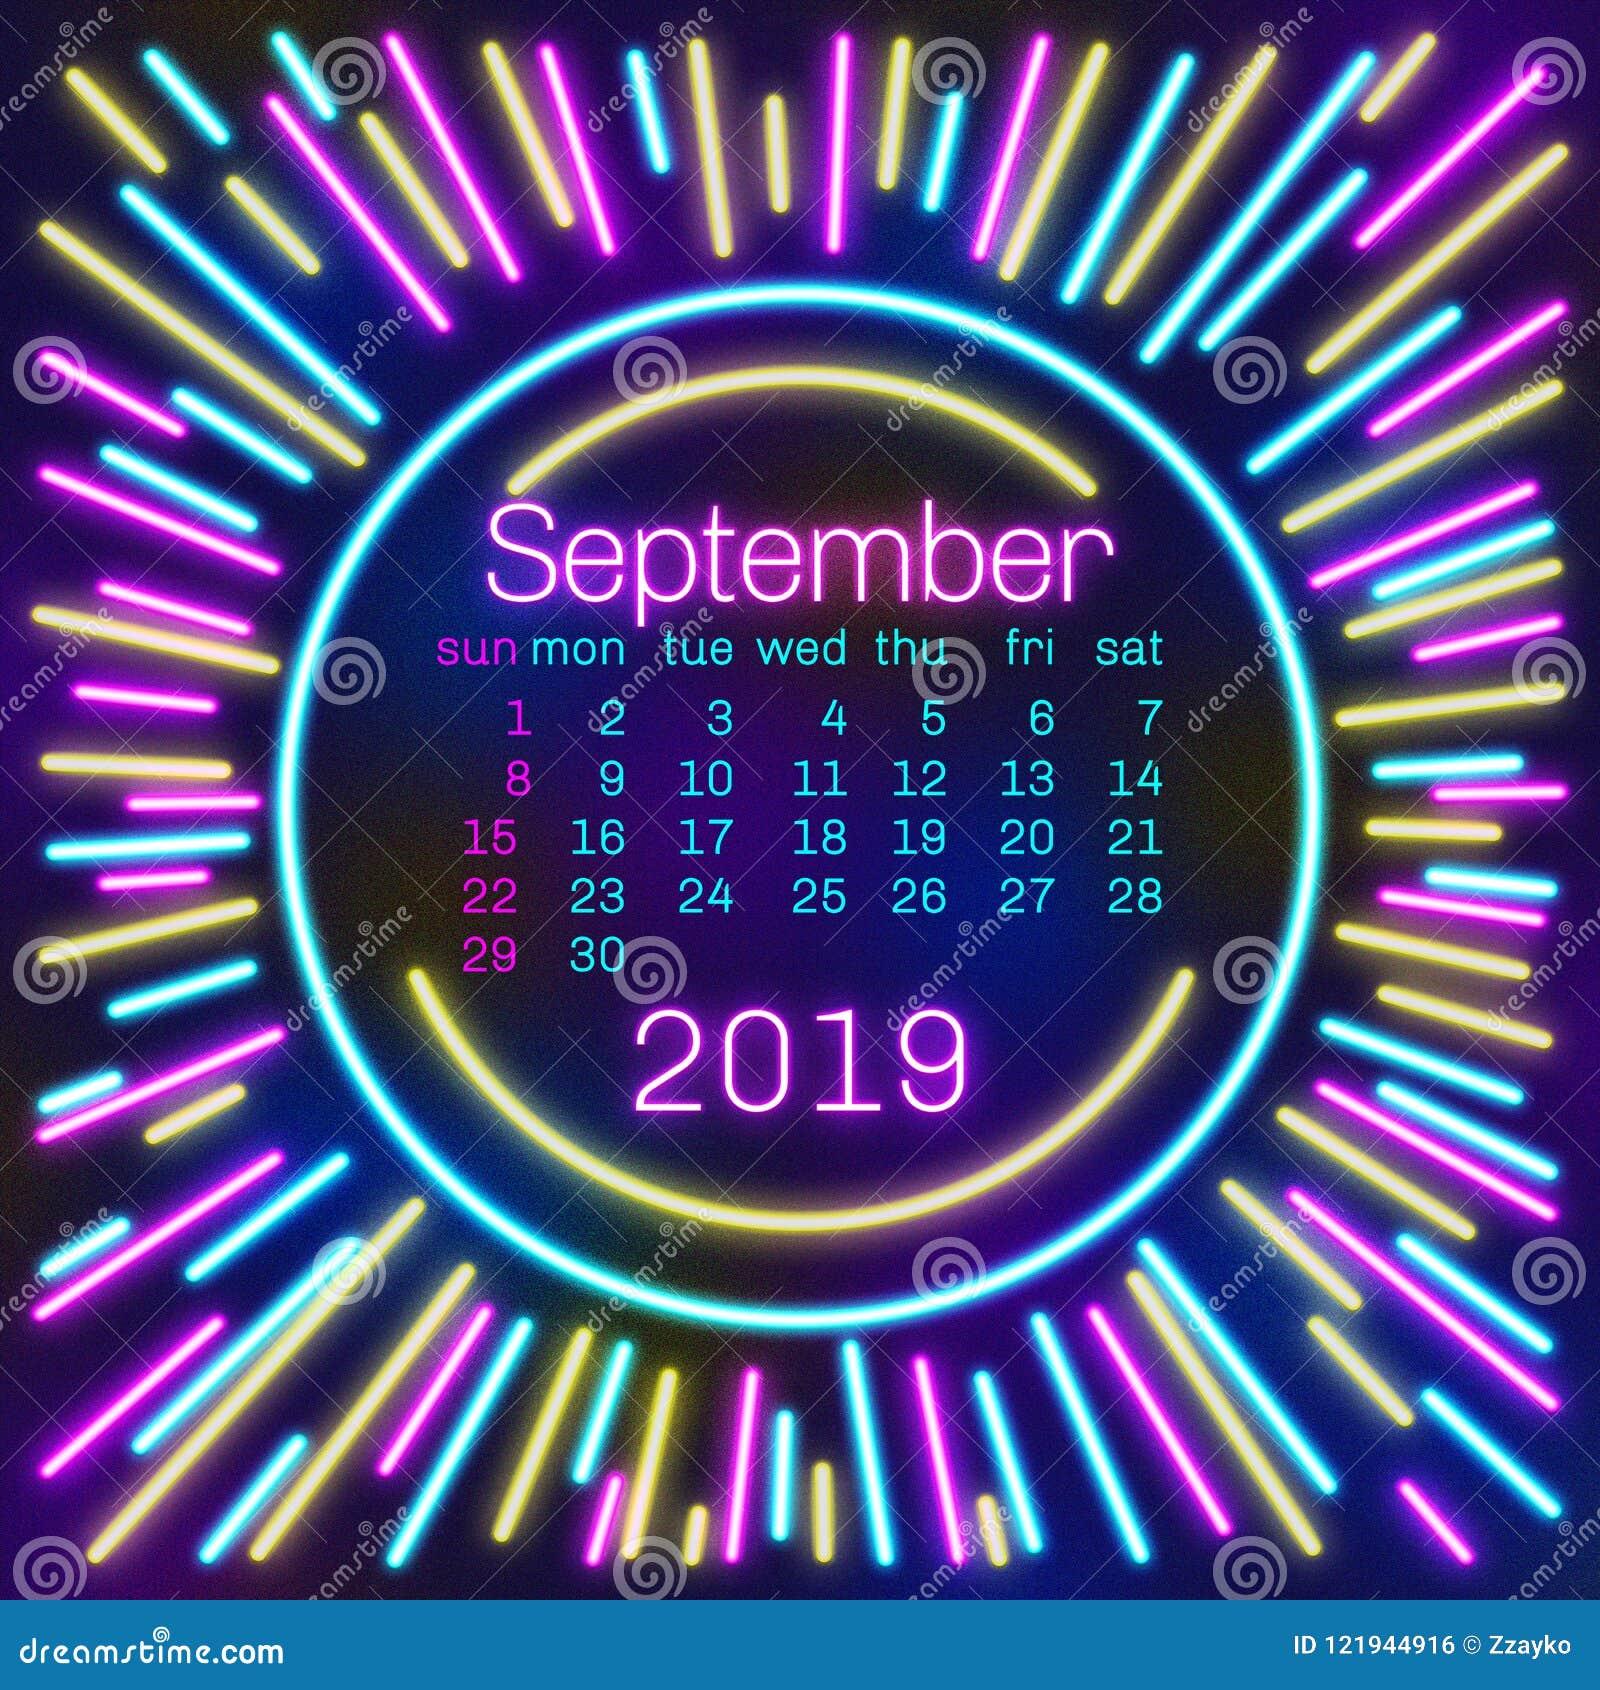 Pagina Di Calendario Settembre 2019.2019 Pagina Del Calendario Di Settembre In Manifesto Al Neon